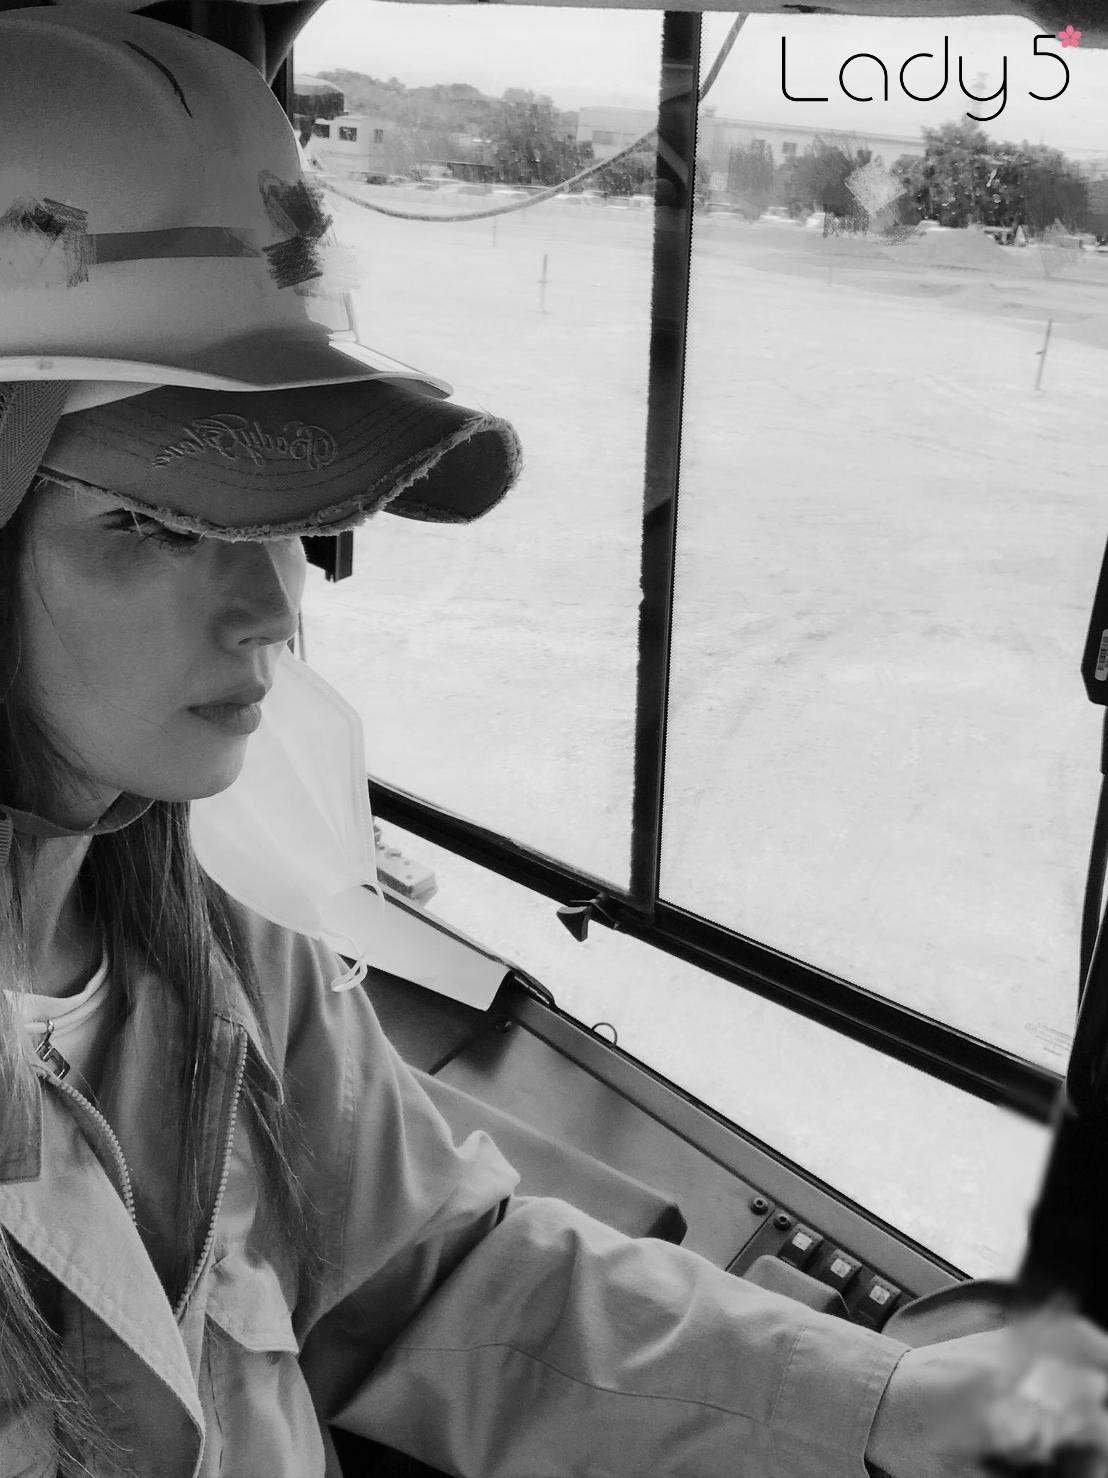 trucklady5_interview_tomotan6